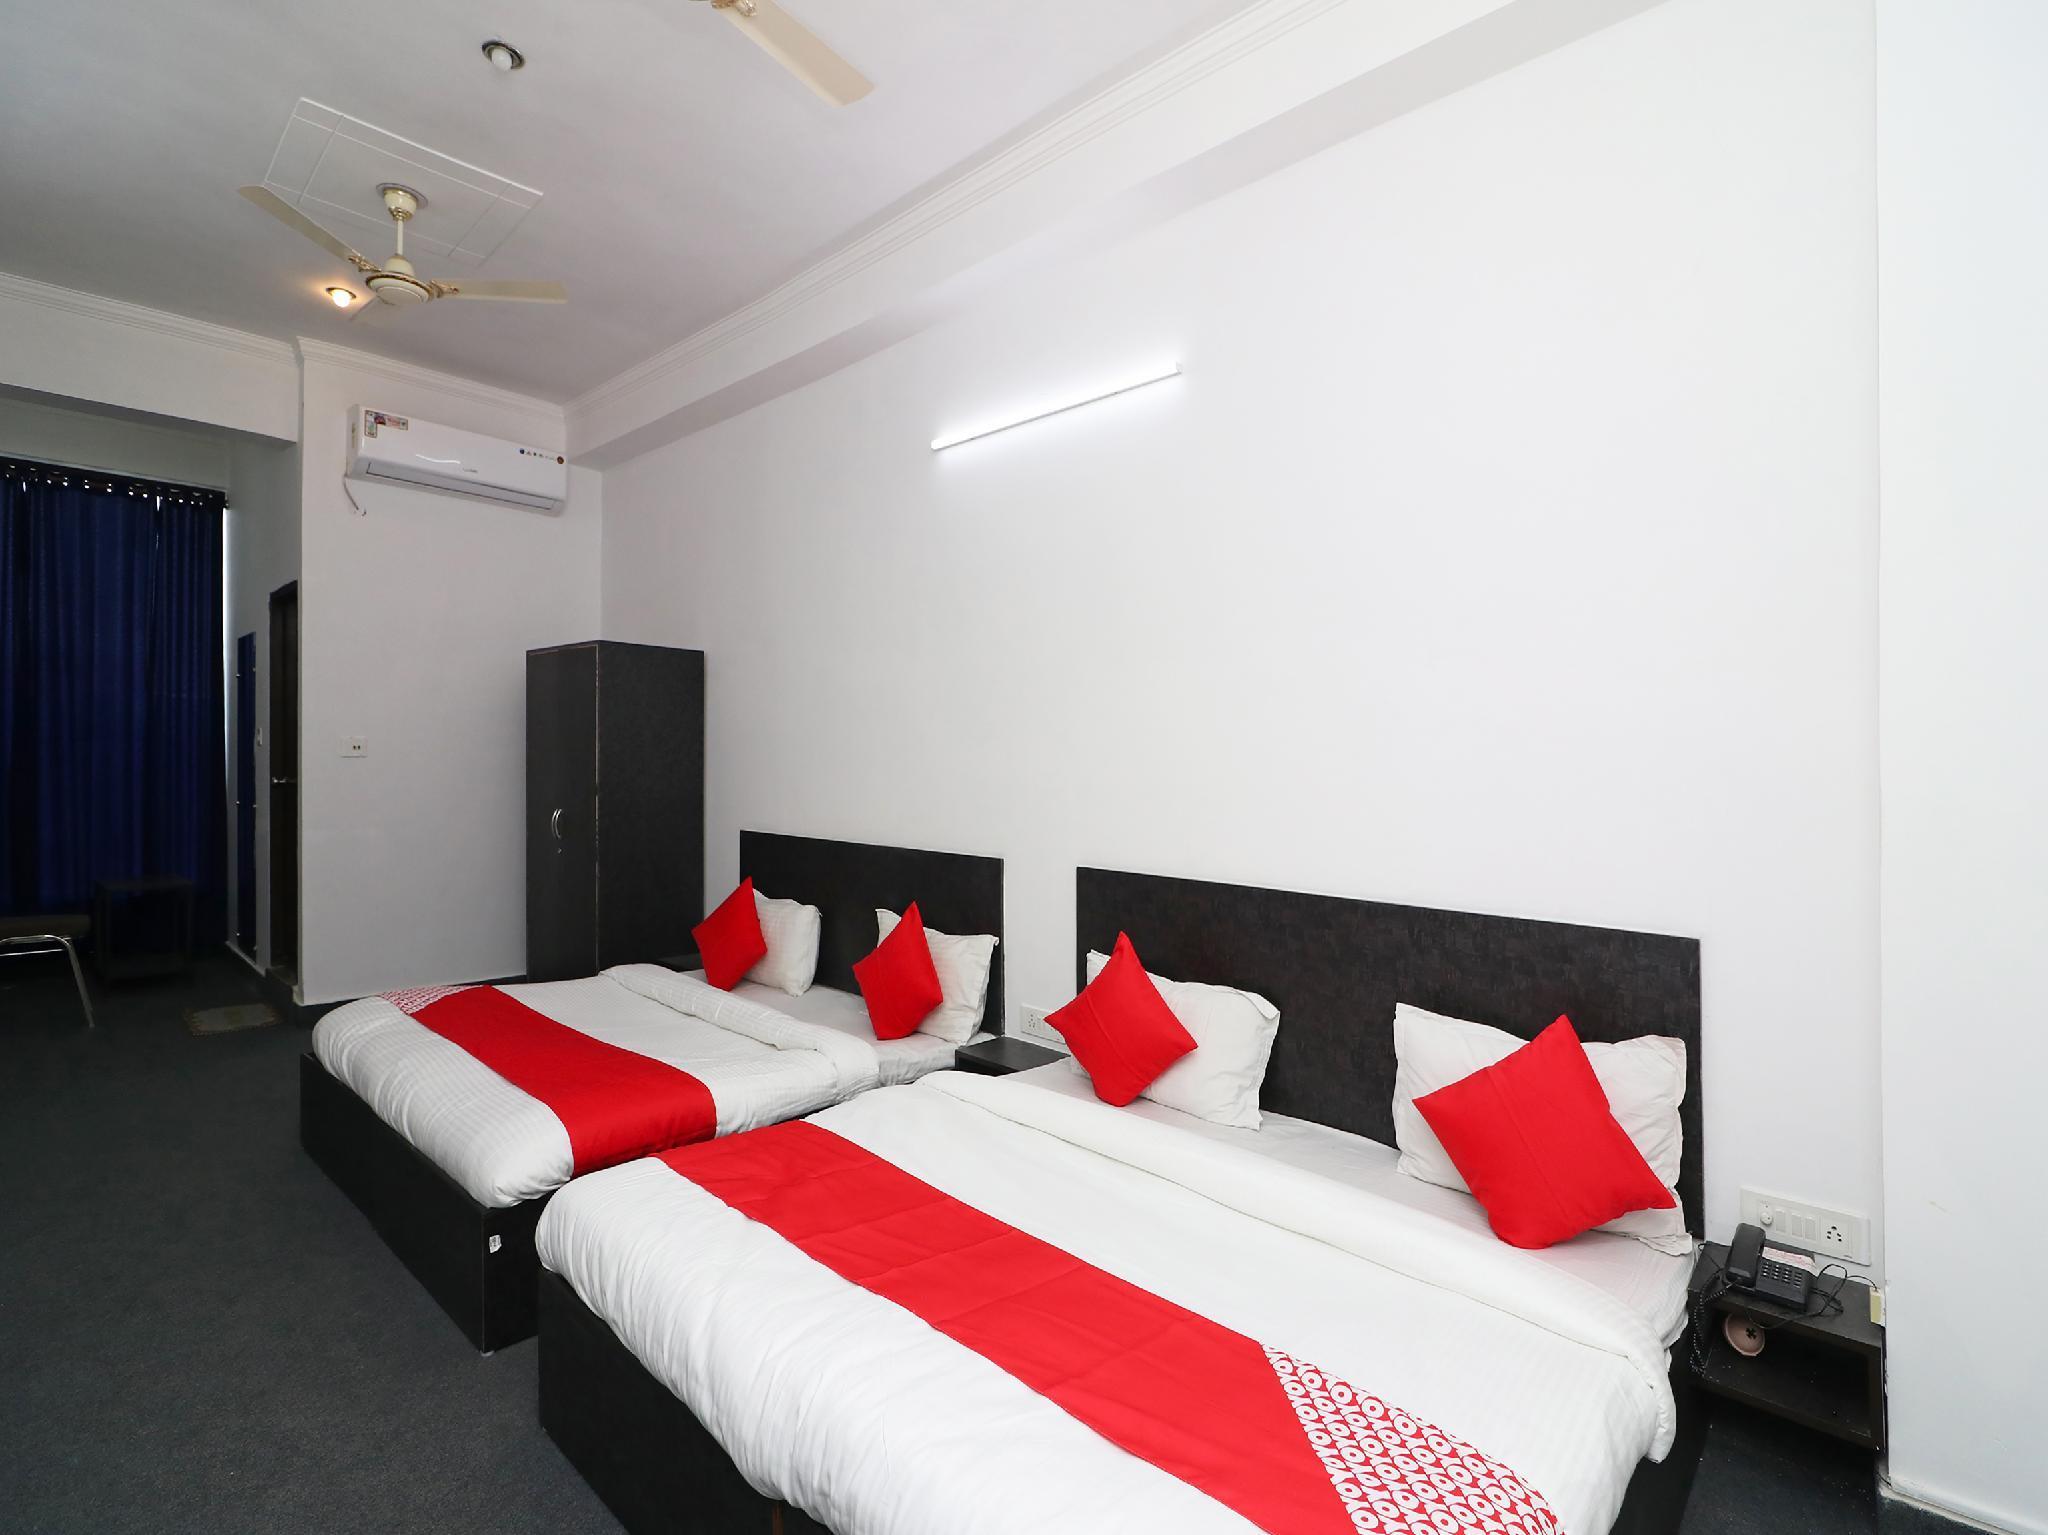 OYO 36432 Hotel Tarang, Ghaziabad